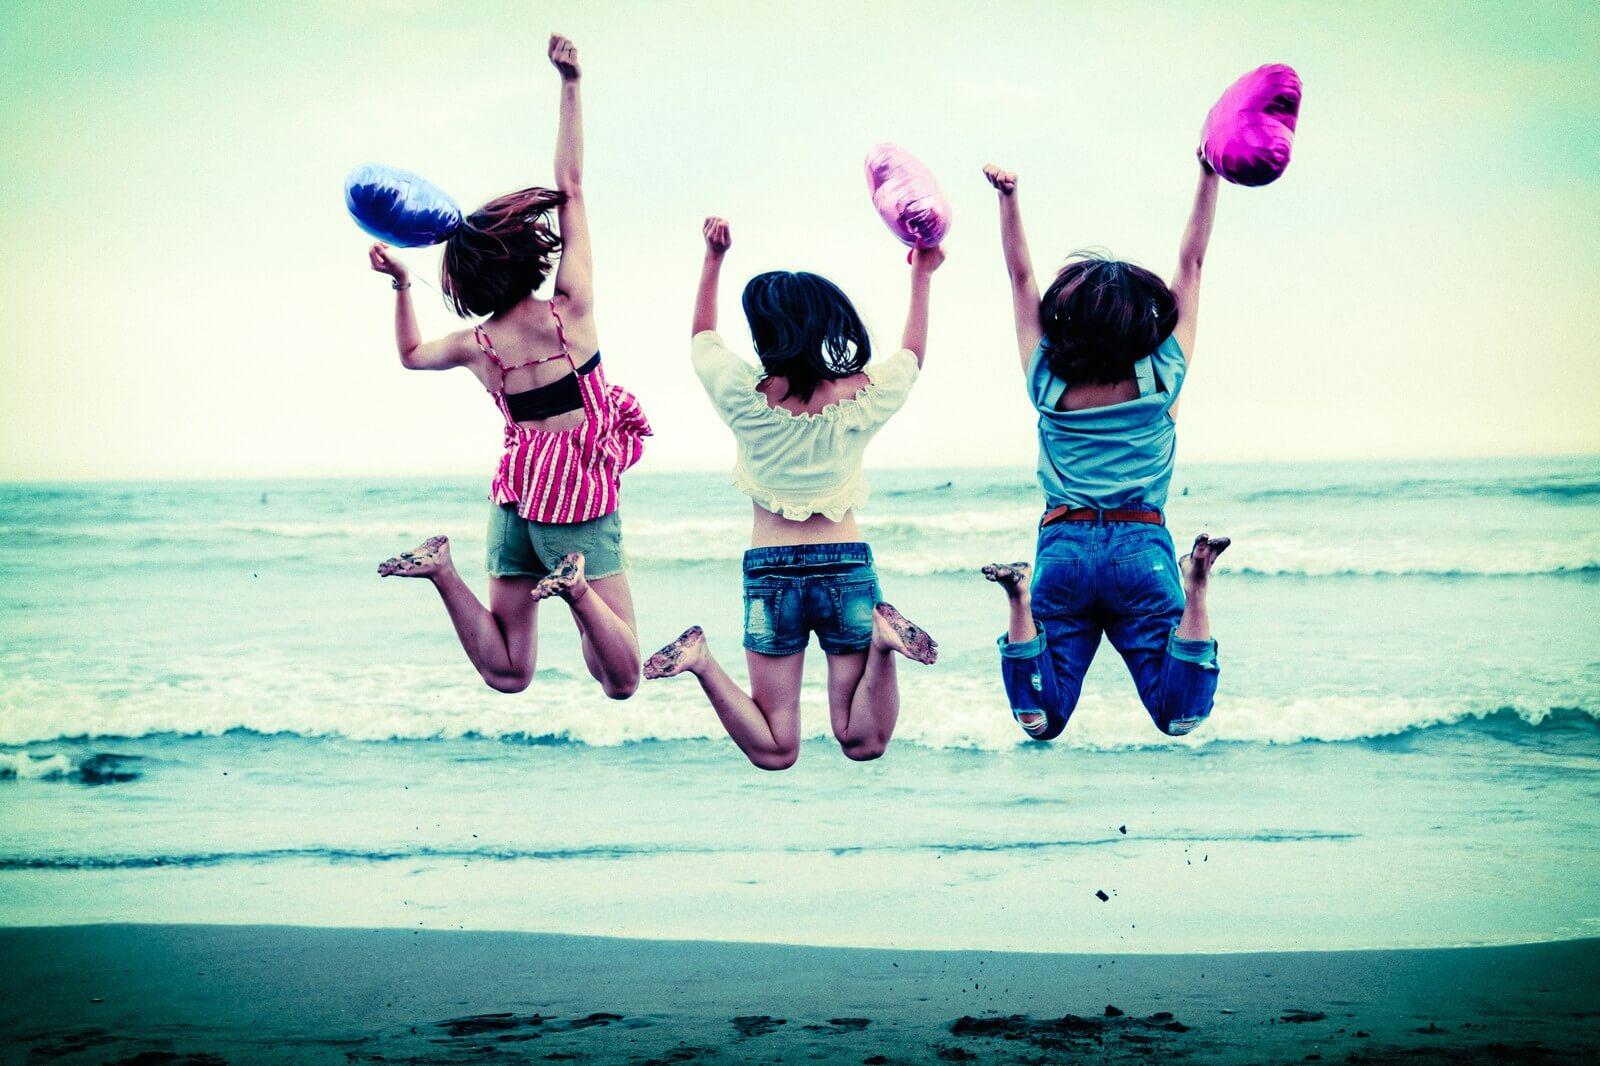 砂浜ではしゃぐ女子3人